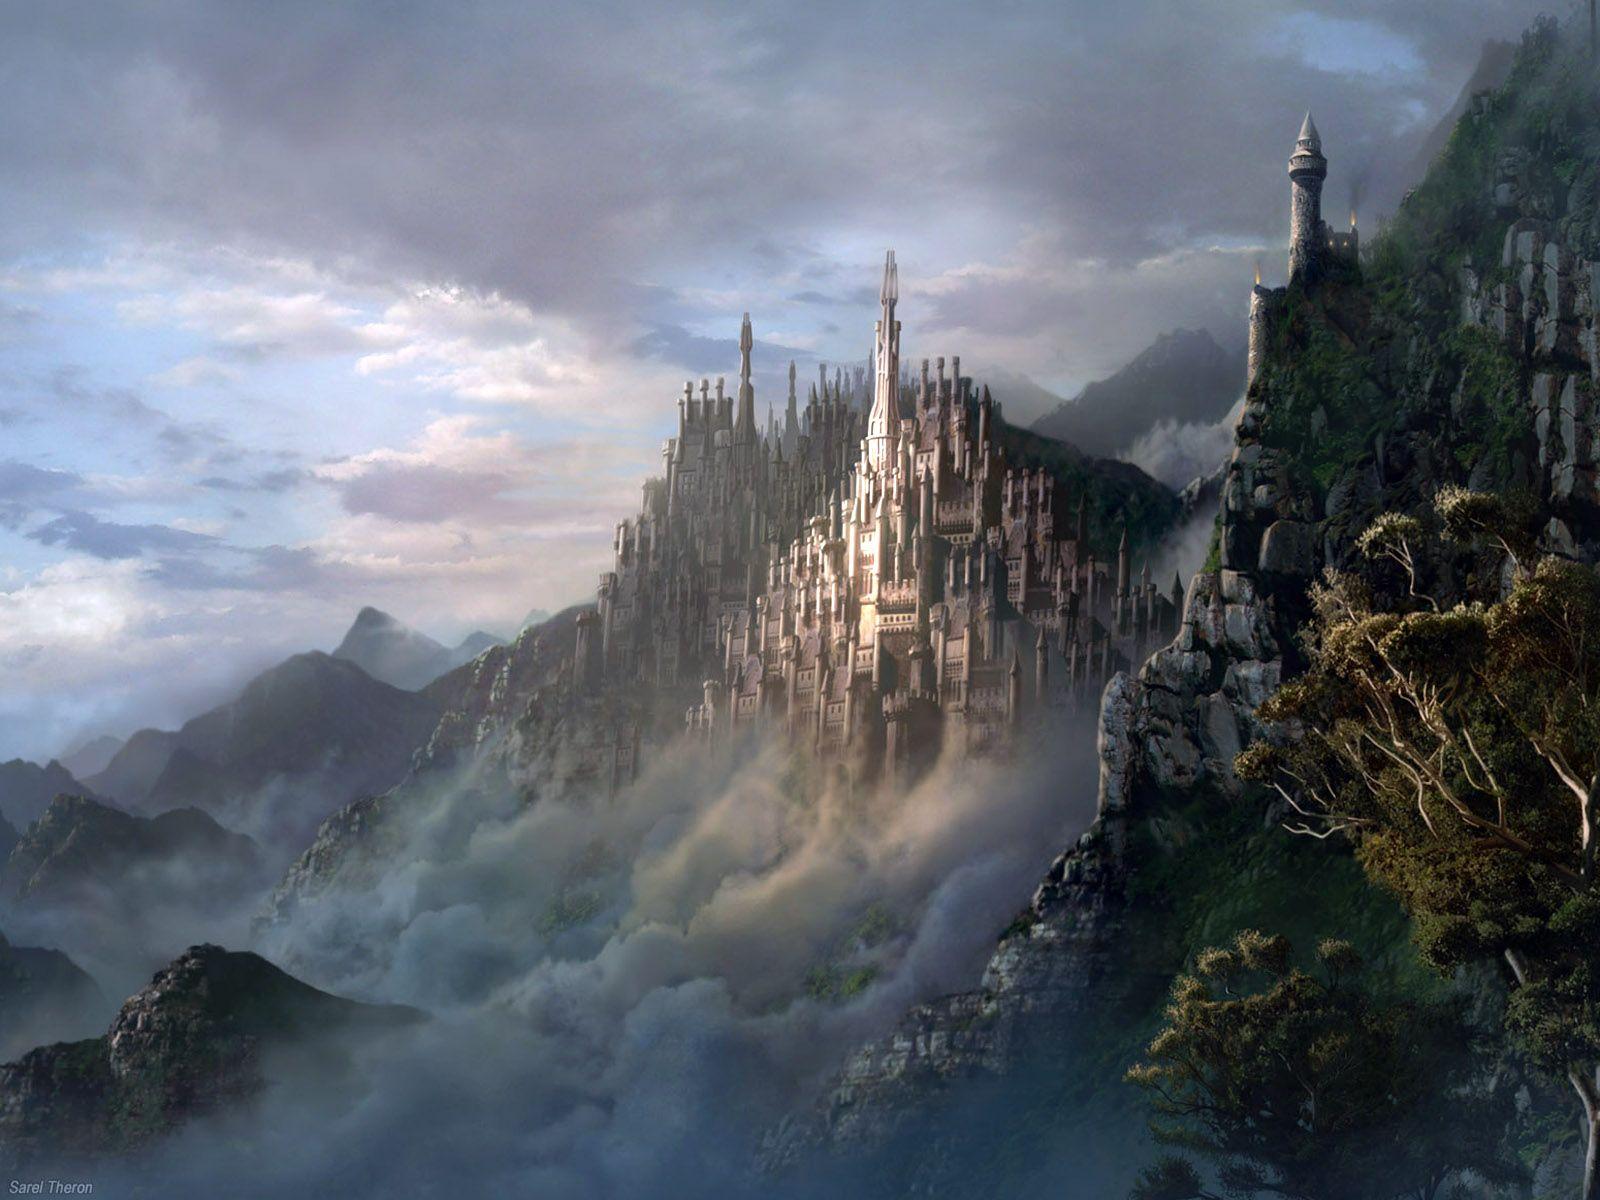 Http Shareyourwallpapers Com Upload Wallpaper 3d And Digital Art Fantasy Fantasy 7bdc2a22 Jpg Fantasy Landscape Landscape Wallpaper Fantasy Castle